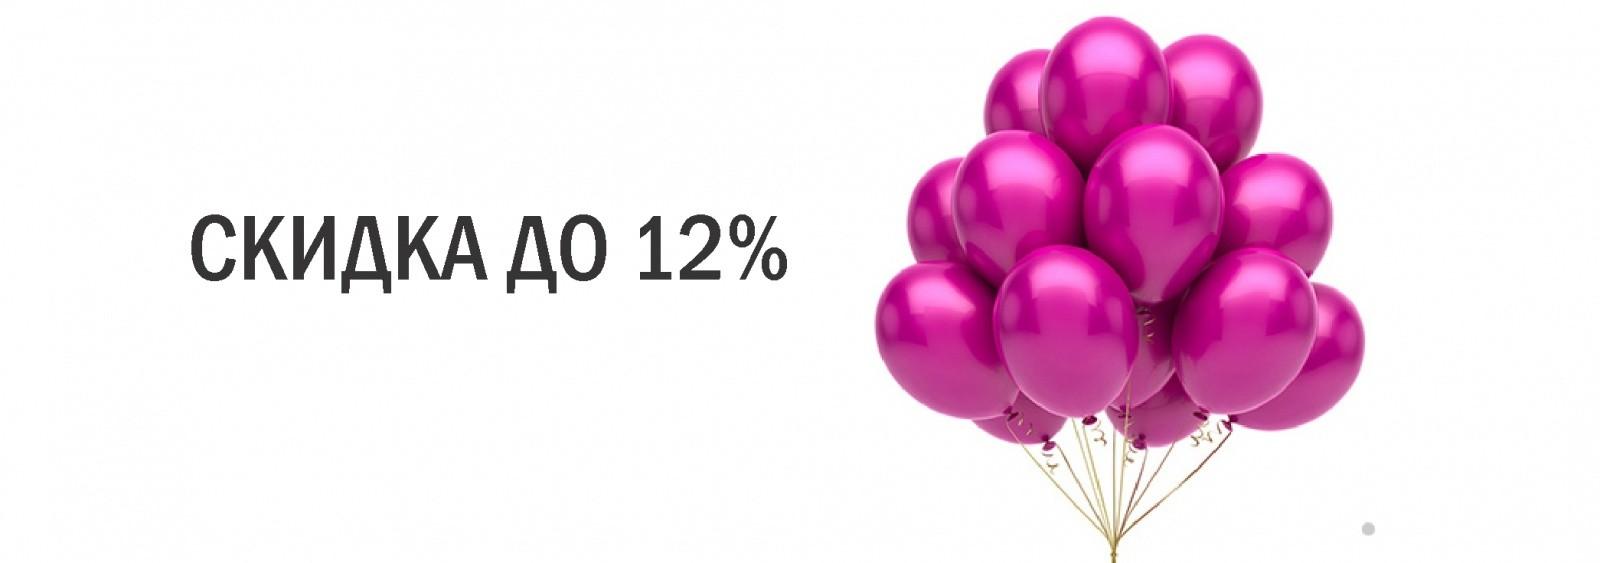 act1 - Скидка до 12%